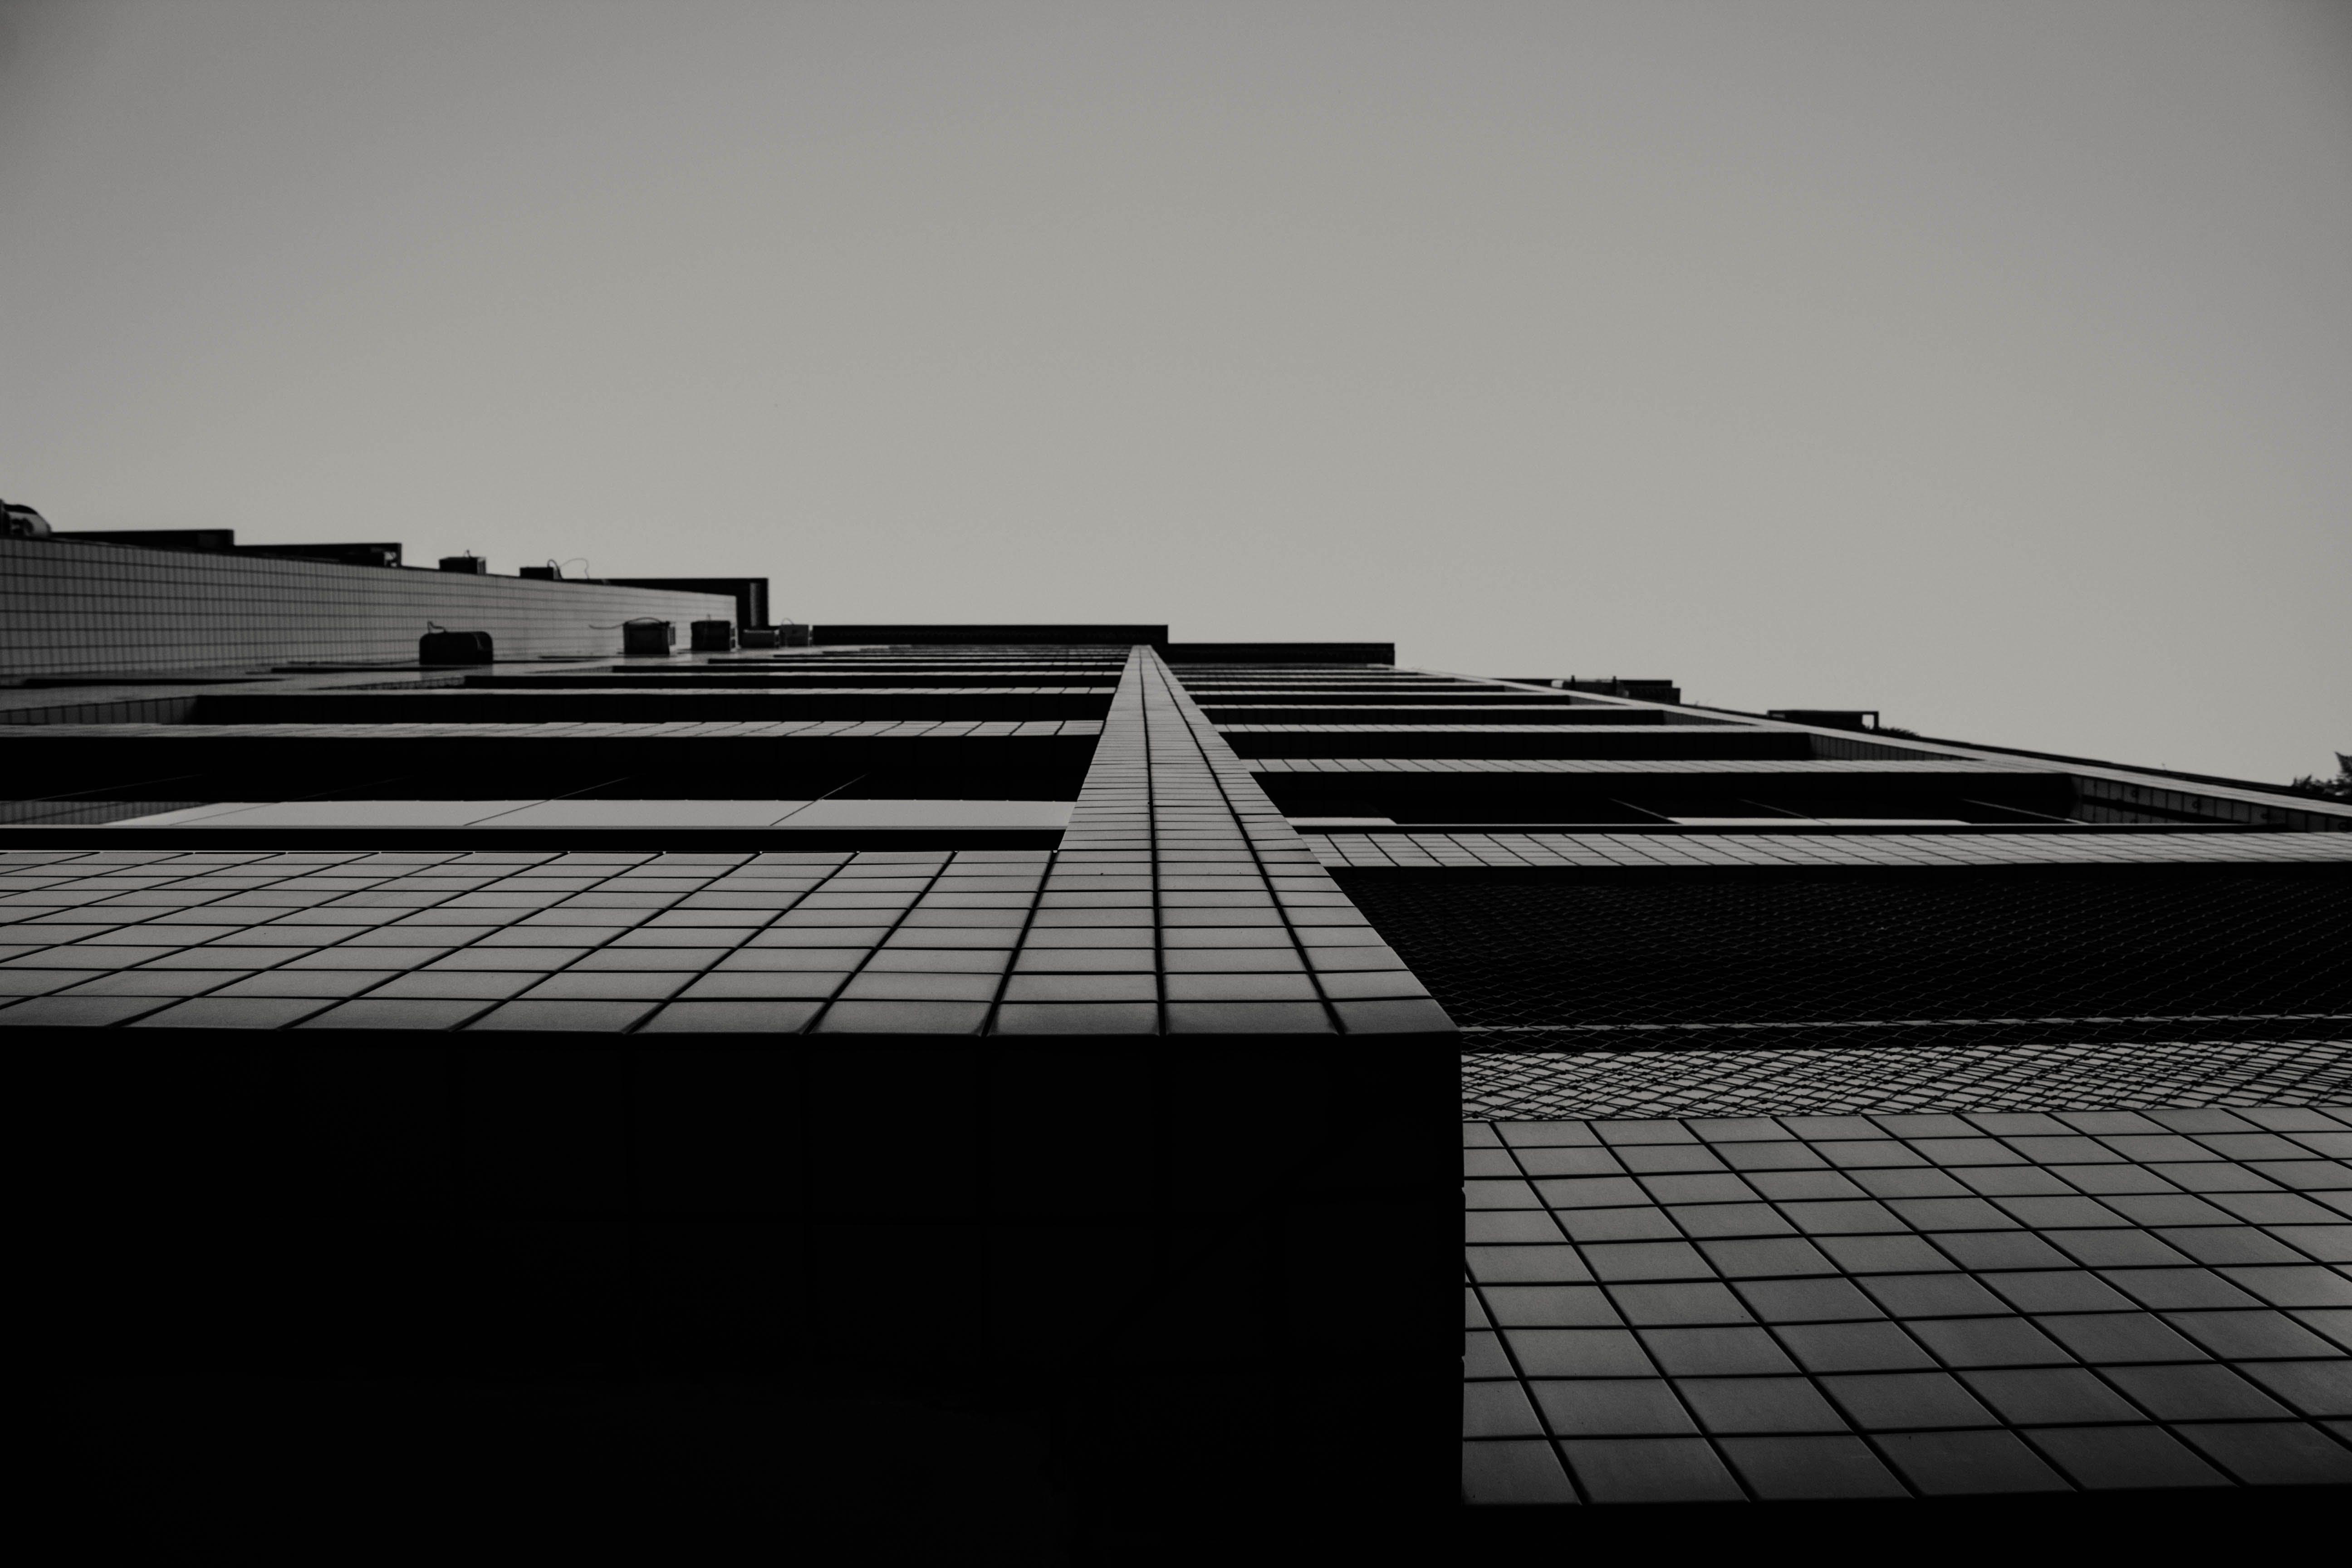 bakış açısı, bina, bina cephesi, dar açılı çekim içeren Ücretsiz stok fotoğraf